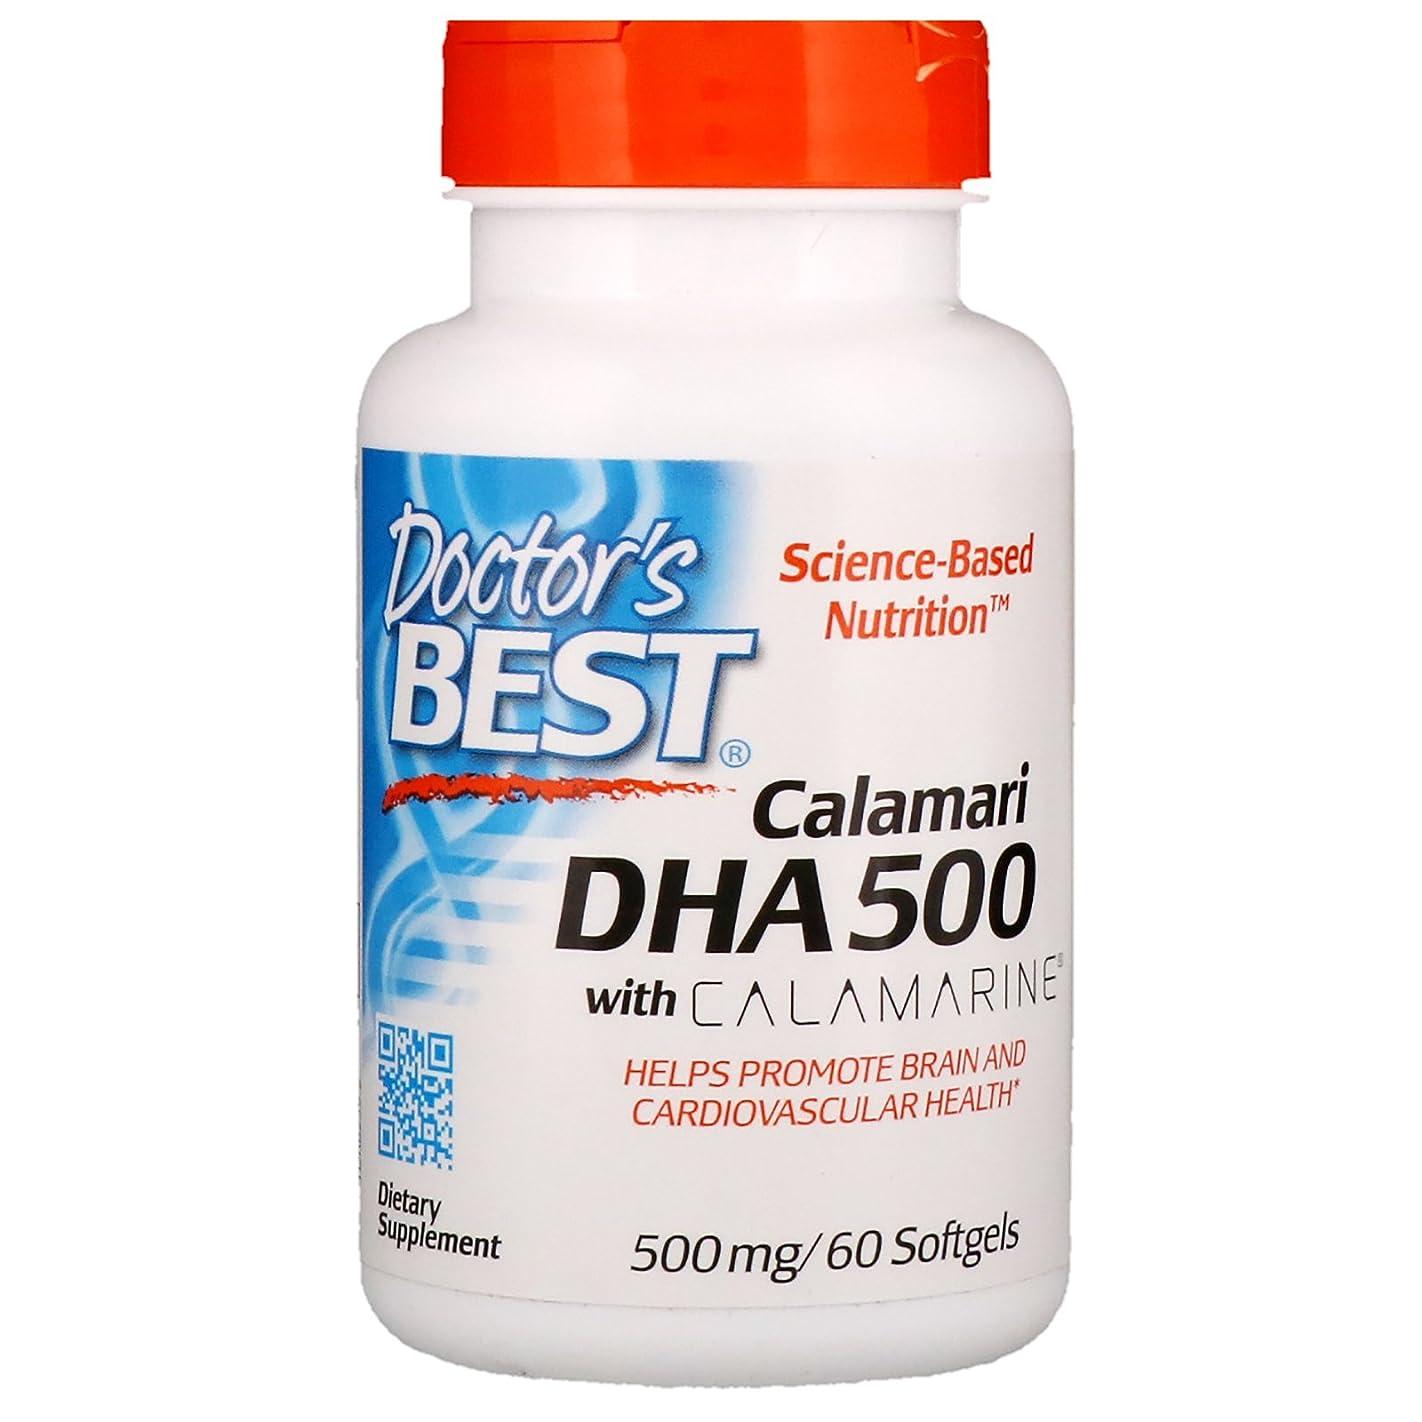 密度ご注意海藻ベストDHA 500(カラマリ由来) 60ソフトカプセル (海外直送品)